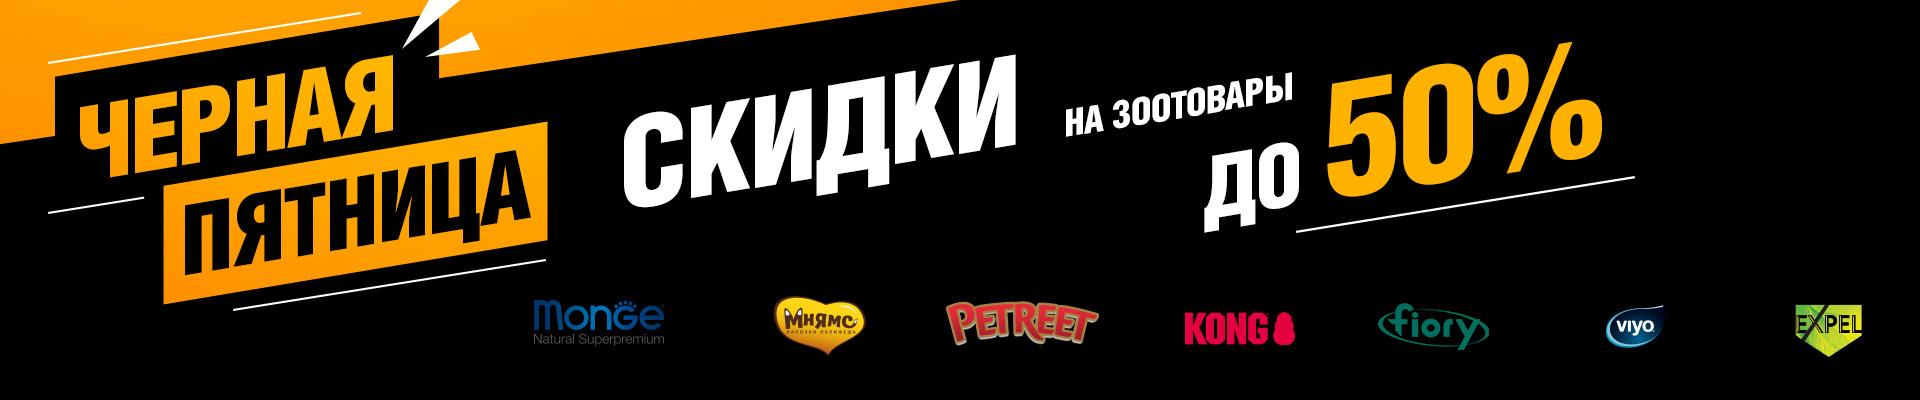 купить зоотовары со скидкой до 50% и с бесплатной доставкой в Калининграде